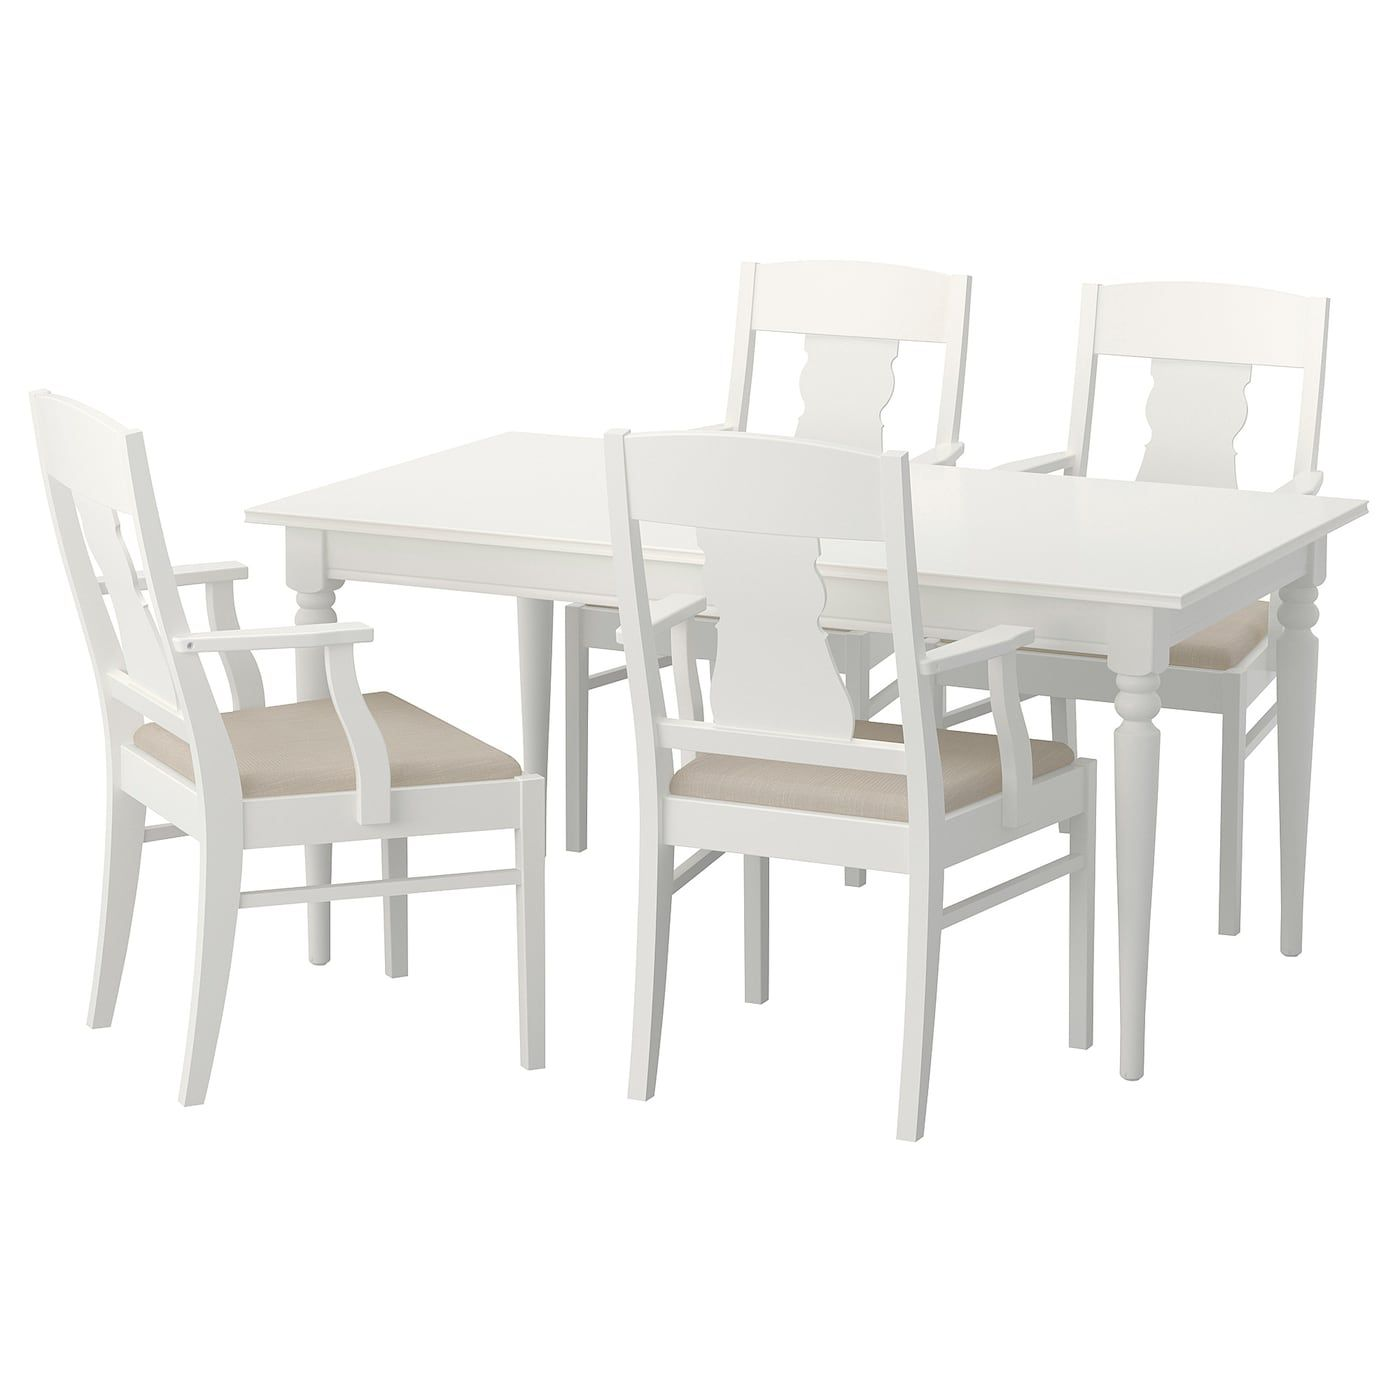 INGATORP / Tisch und 4 Stühle weiß Ikea stuhl, Ikea